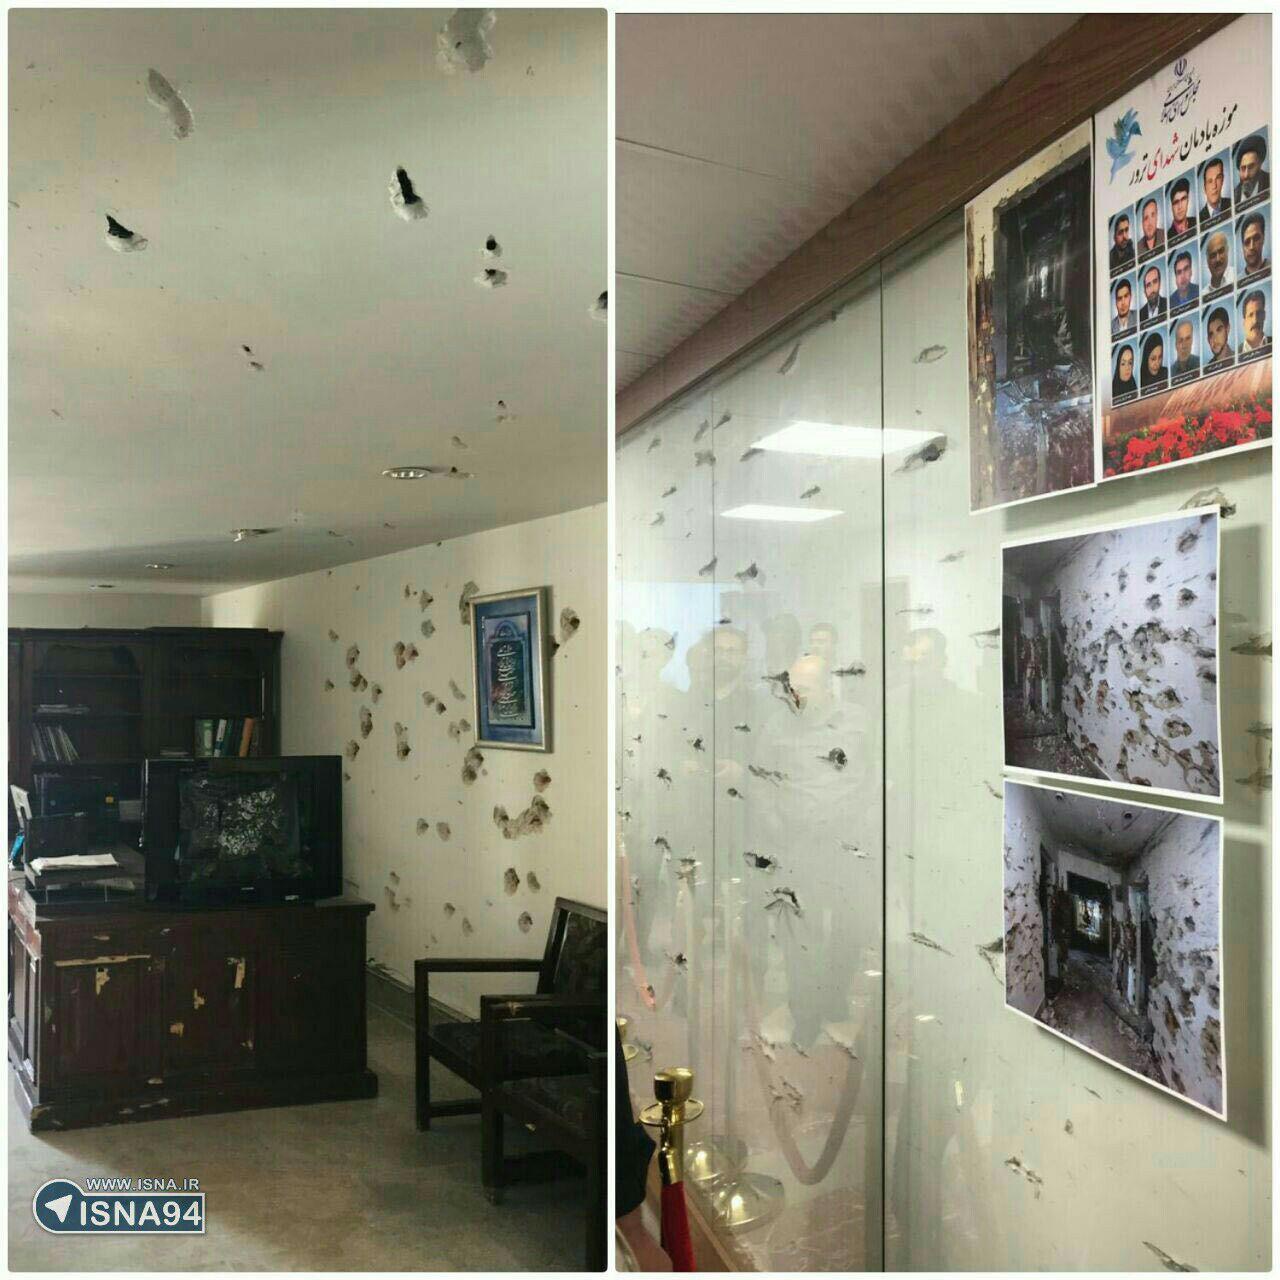 افتتاح موزه يادمان شهداي ترور توسط رييس مجلس